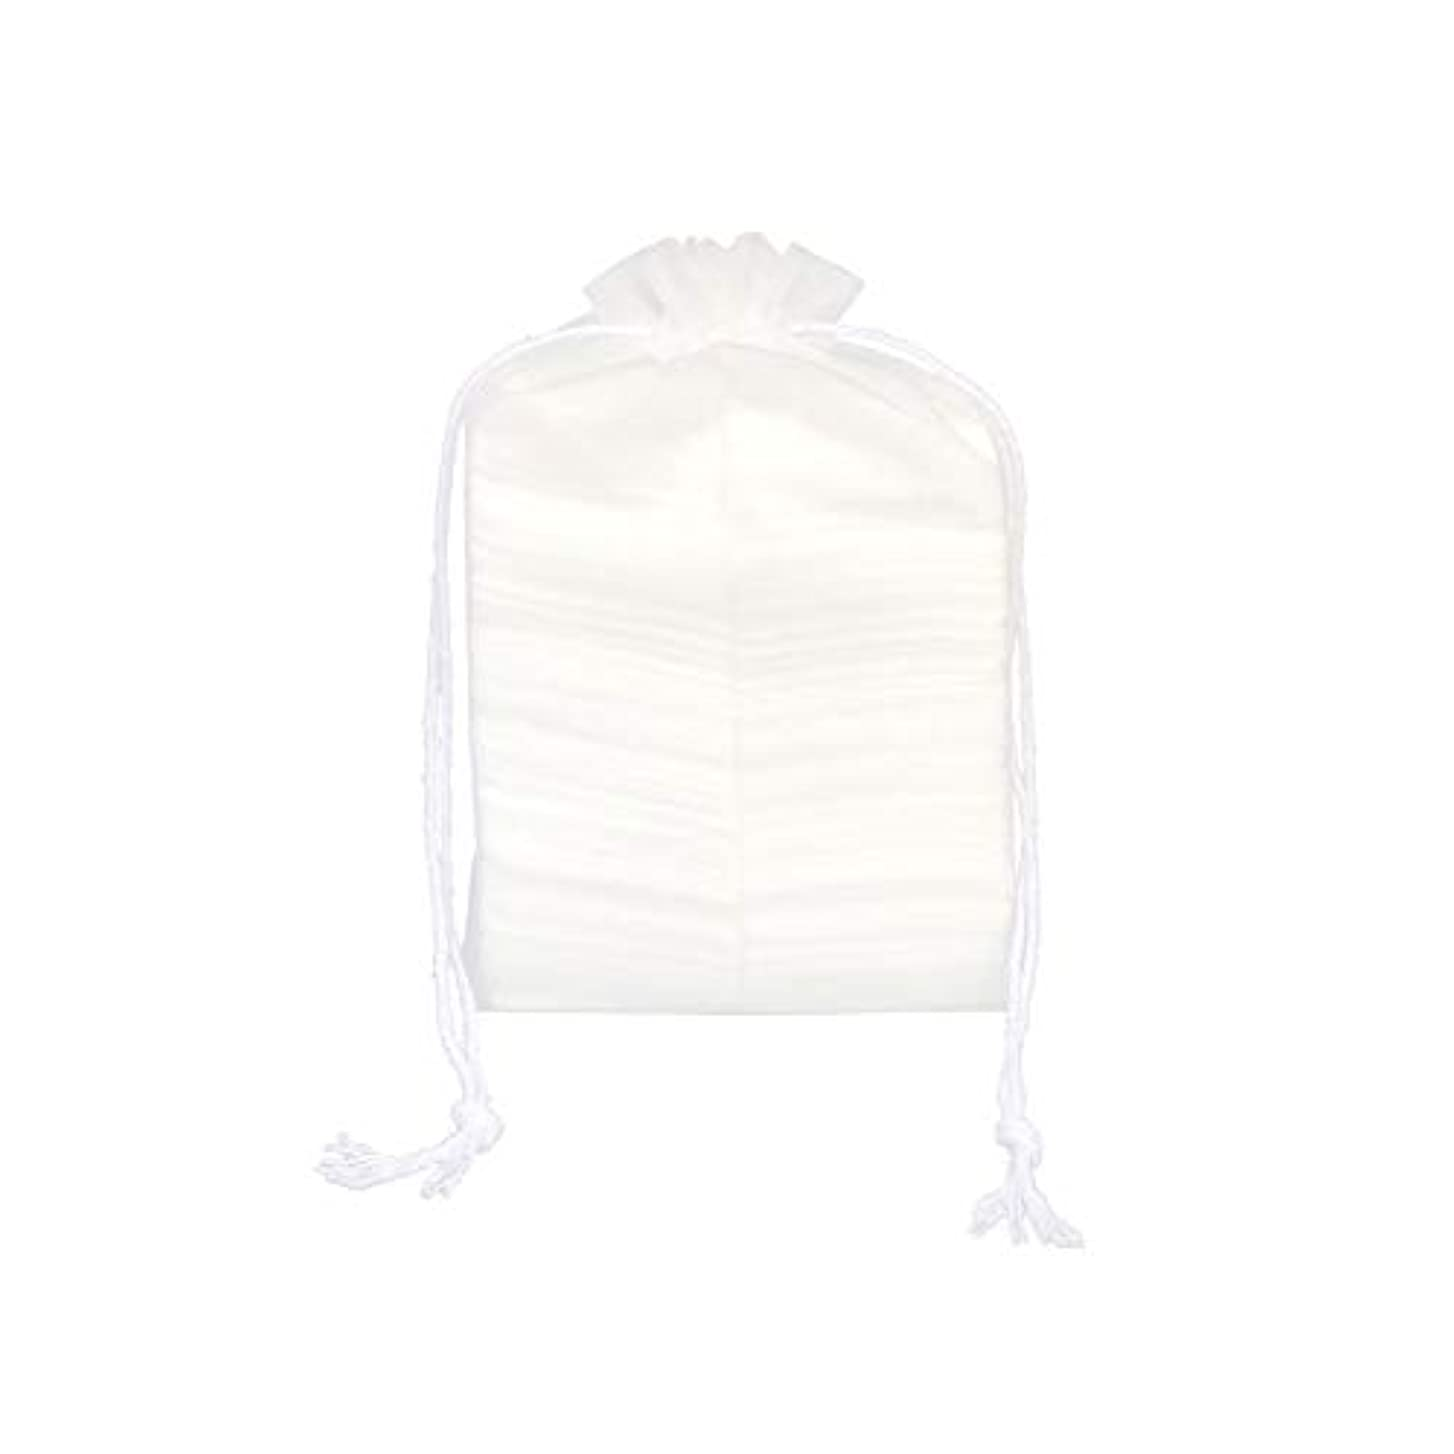 北米連続した急速な200平方綿の品質の綿のシート除去ソフト節水柔らかい綿のメイクツール